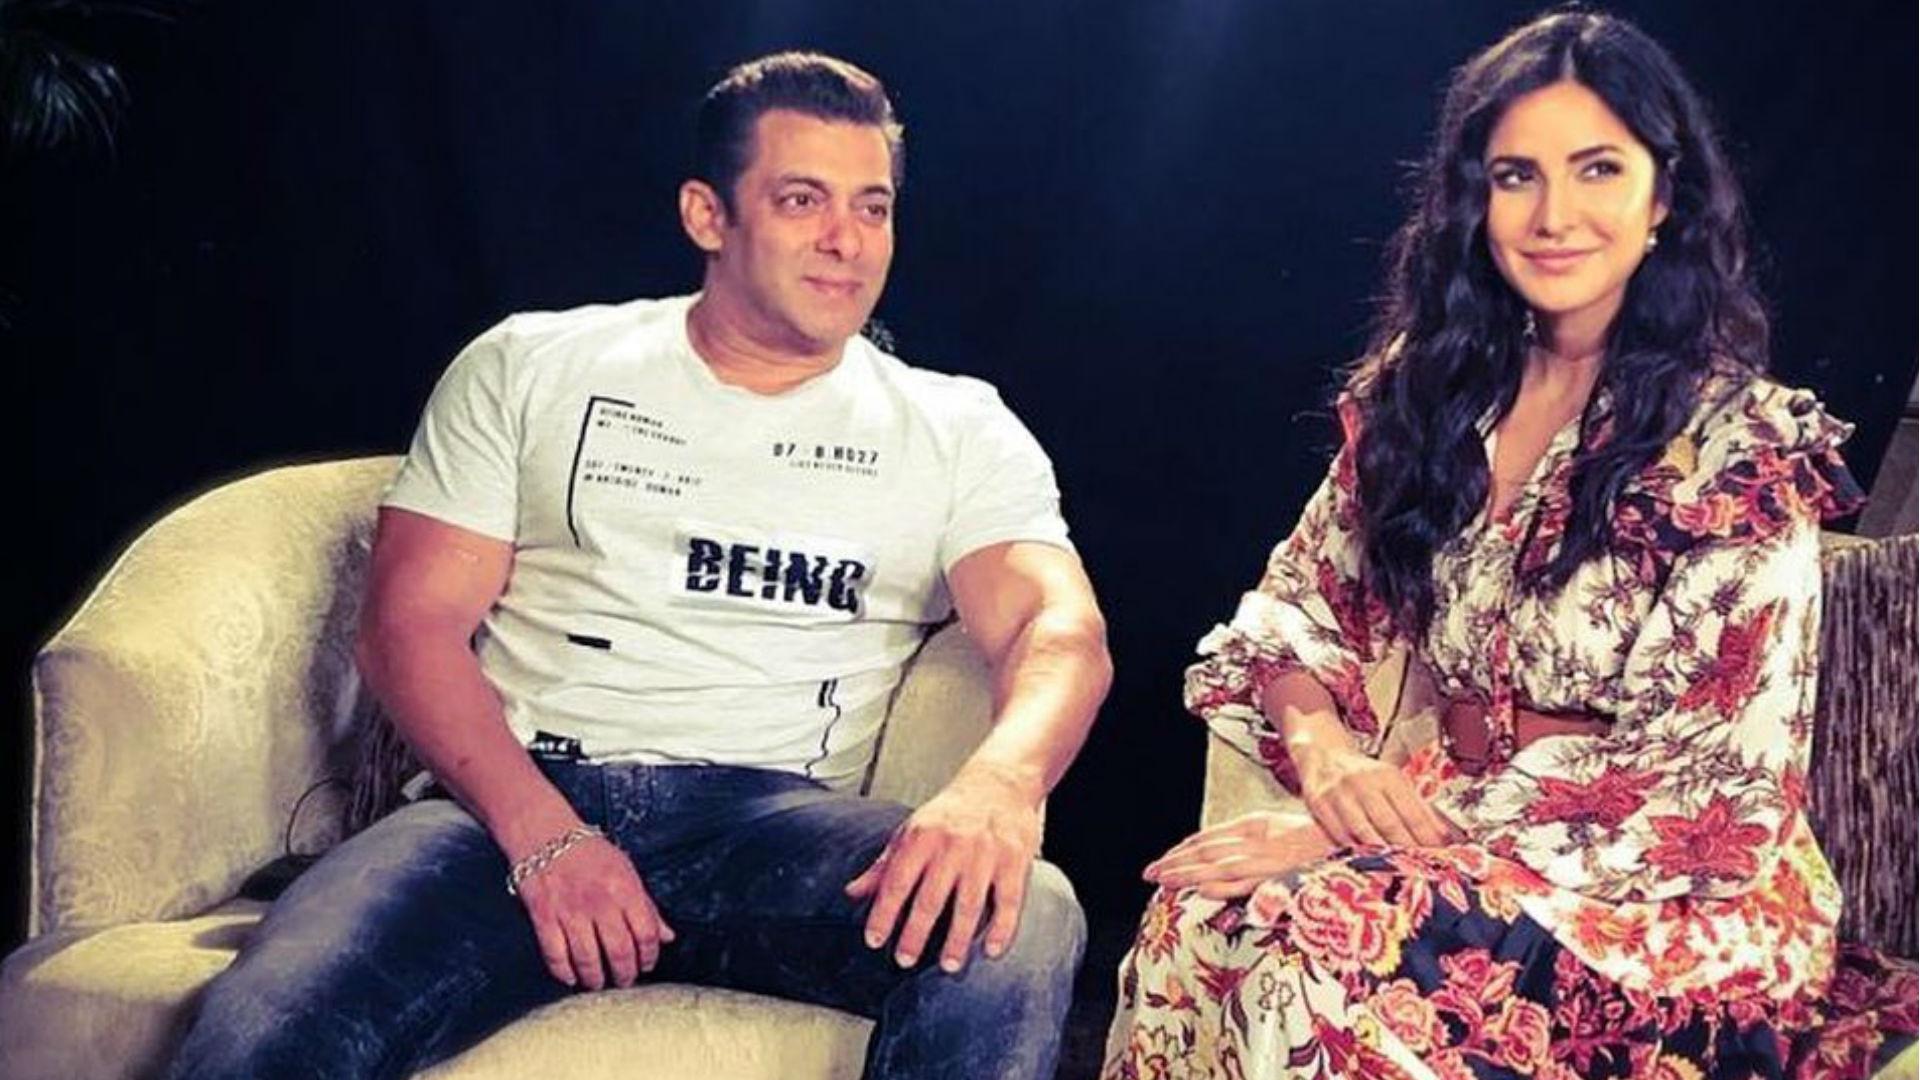 Bharat Movie: सलमान खान-कैटरीना कैफ की फिल्म भारत की एडवांस बुकिंग शुरू, दबंग खान ने शेयर किया वीडियो